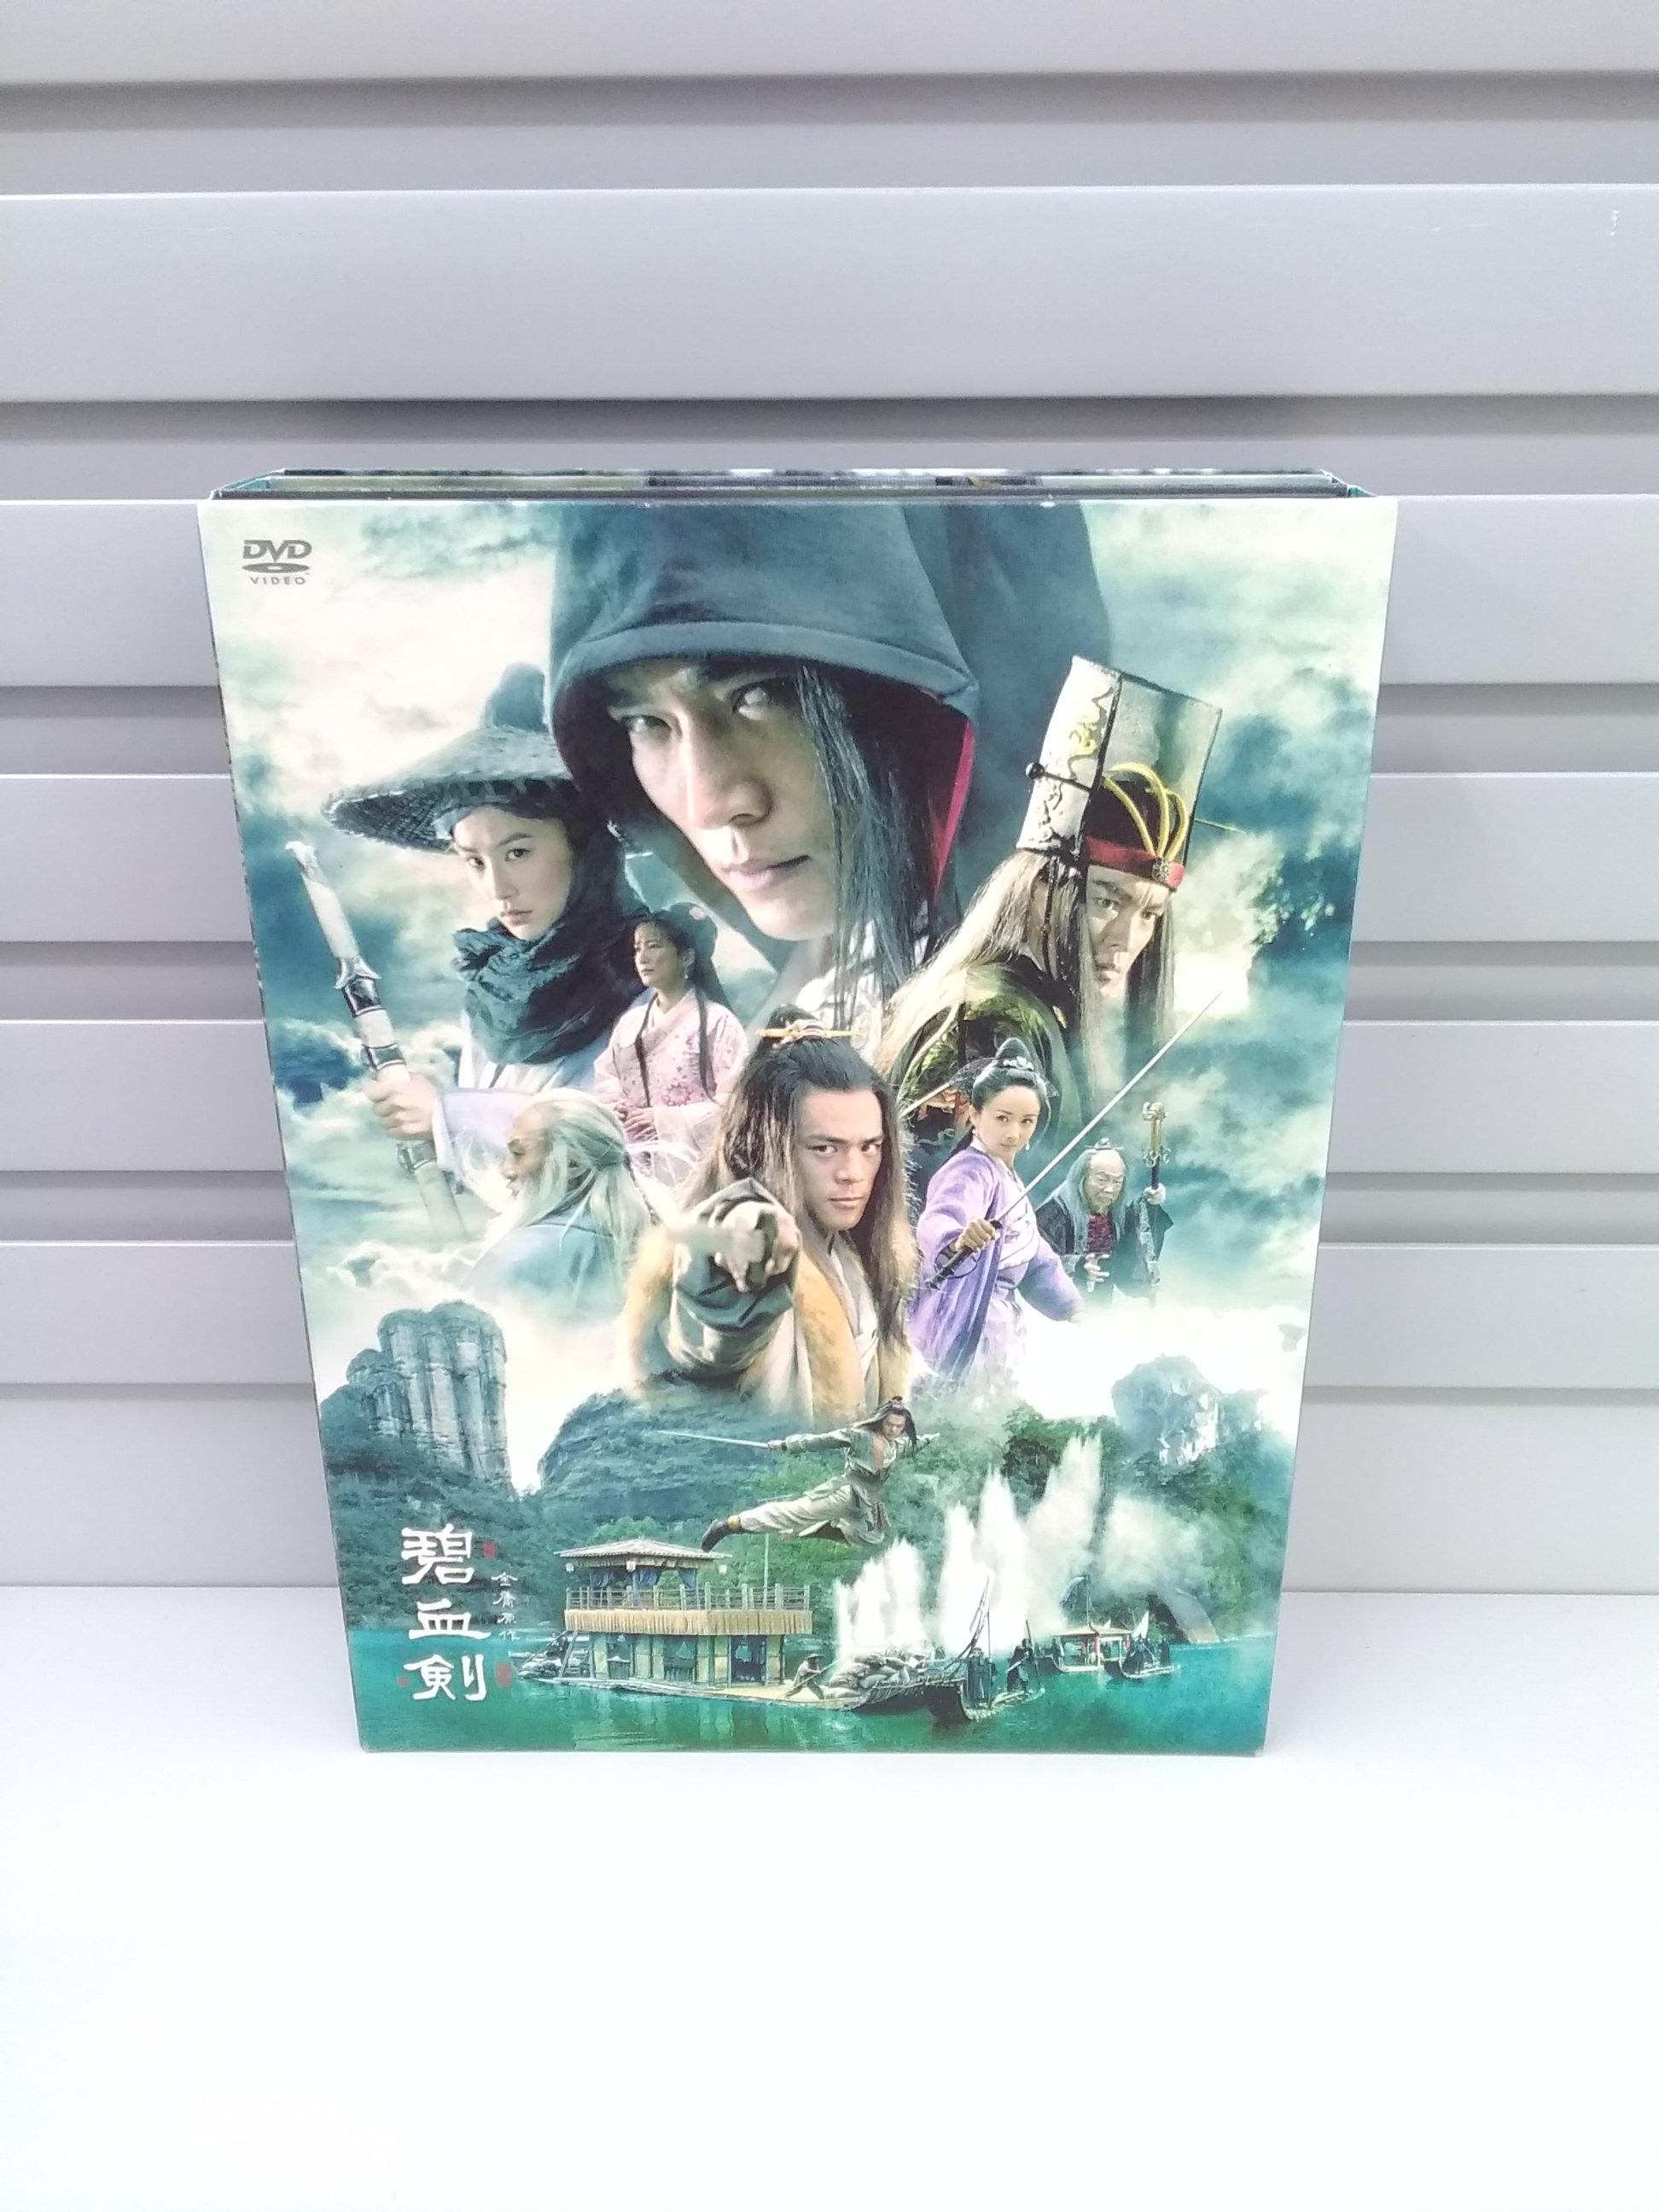 碧血剣 DVD-BOX1|BEIJING CATHAY MEDIA